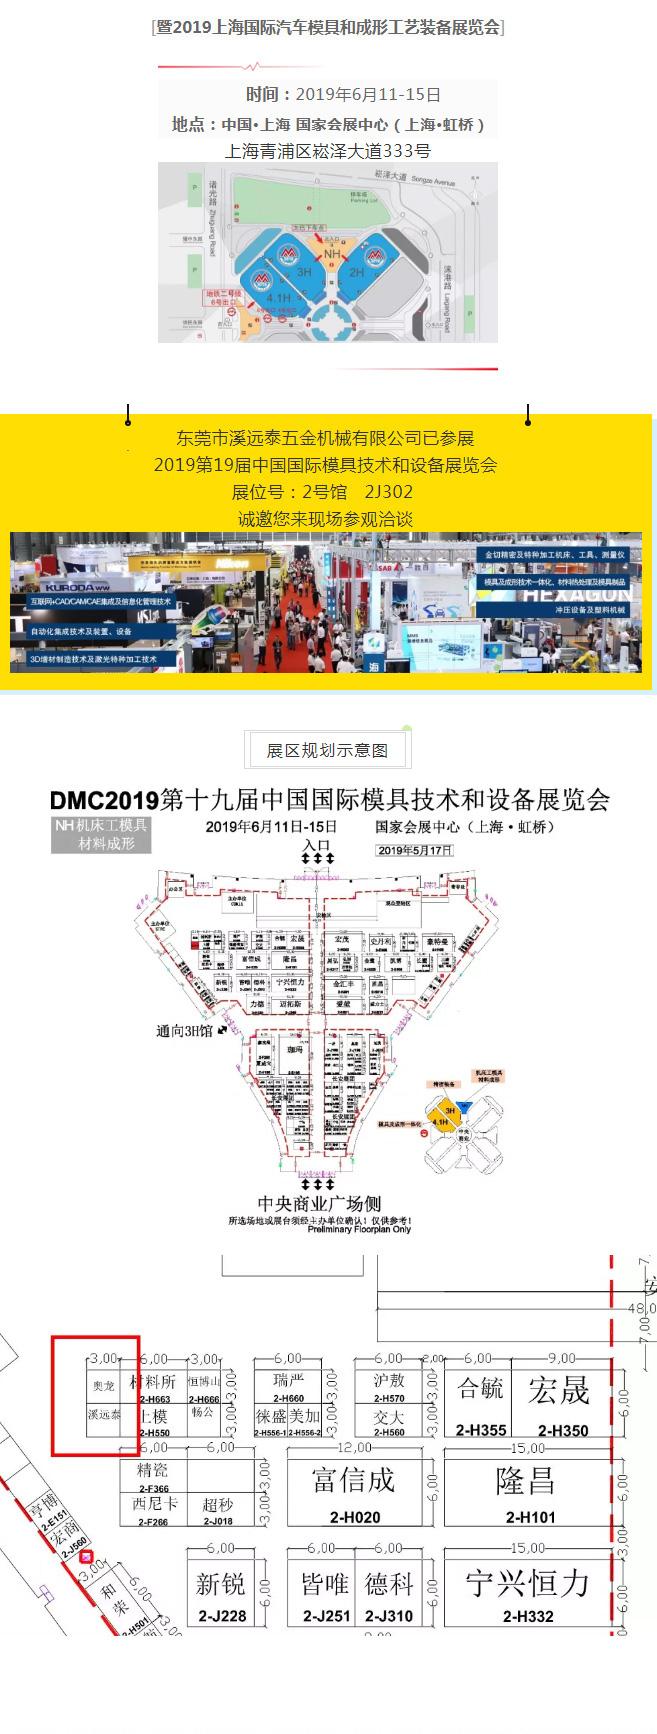 溪远泰诚邀您参观第19届中国国际模具技术和设备展览会的图片